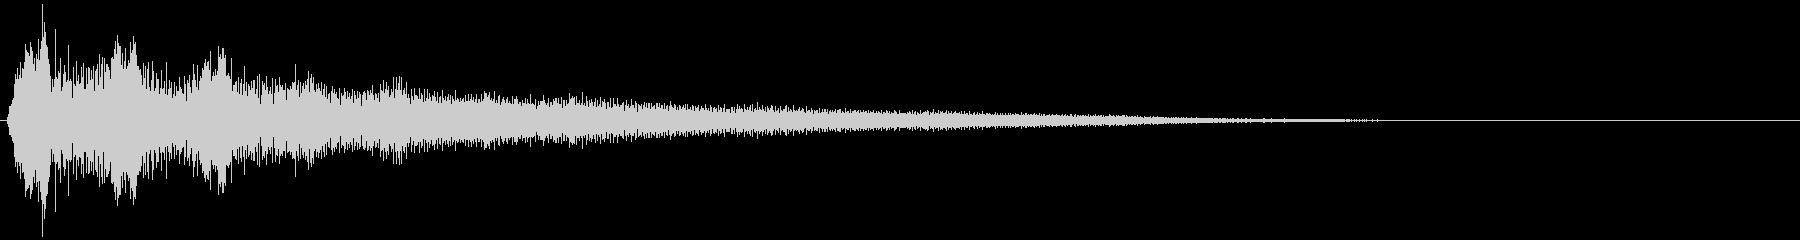 ブーキュピーンキュンキュ…(宇宙と通信)の未再生の波形